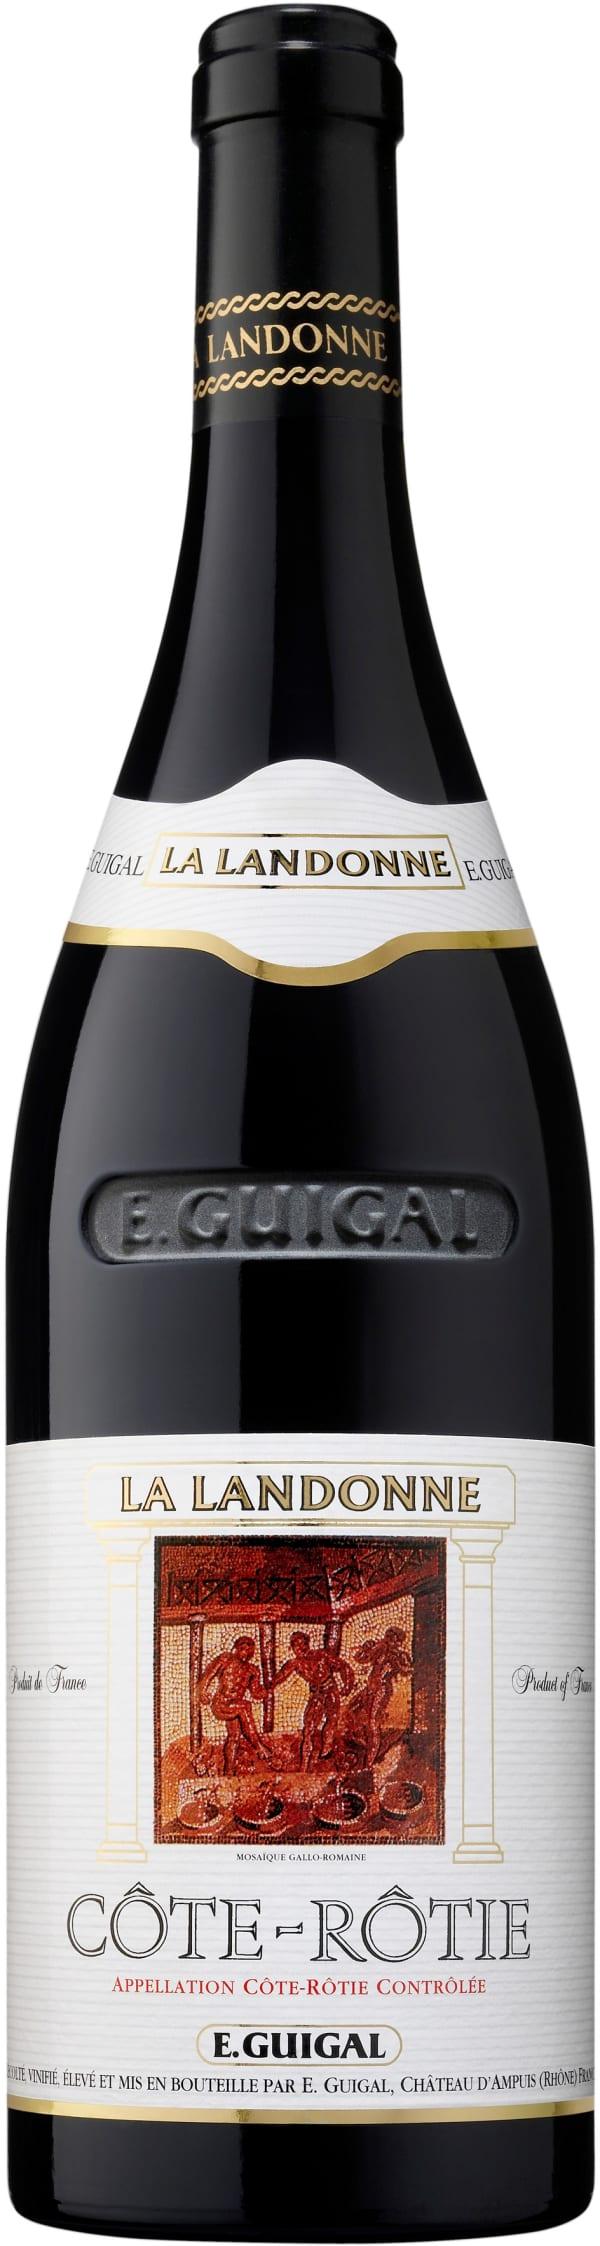 E. Guigal La Landonne 2008